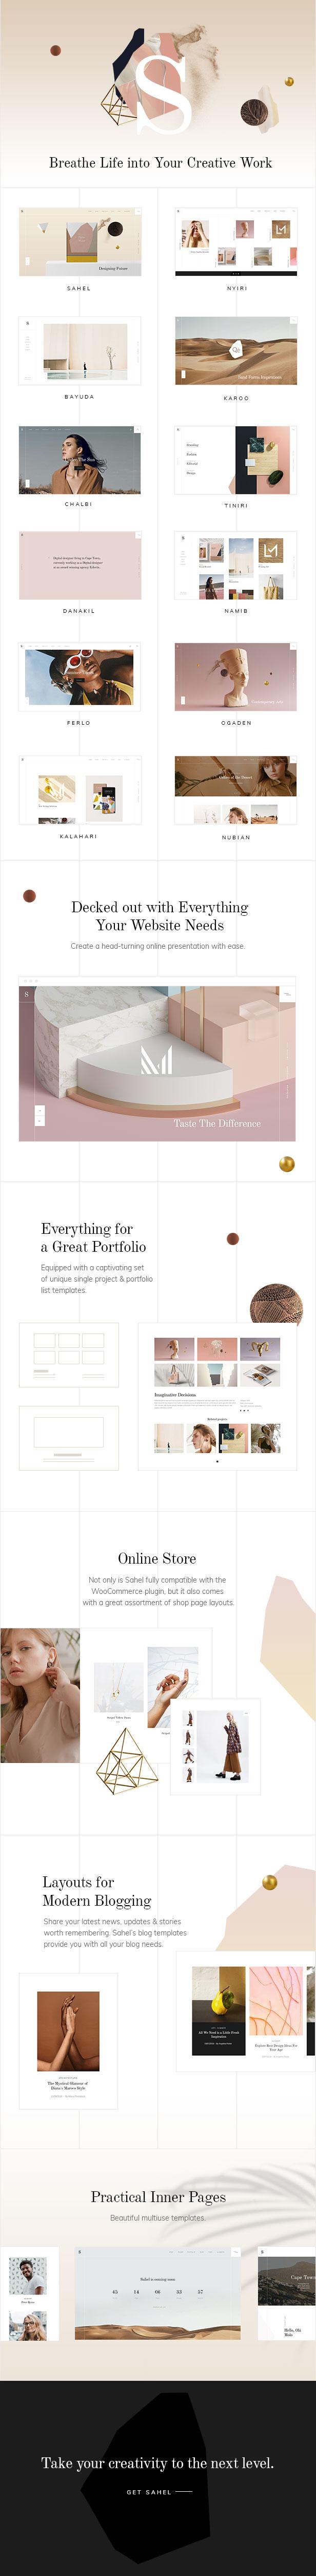 WordPress theme Sahel - An Elegant Multi-Concept Theme (Portfolio)